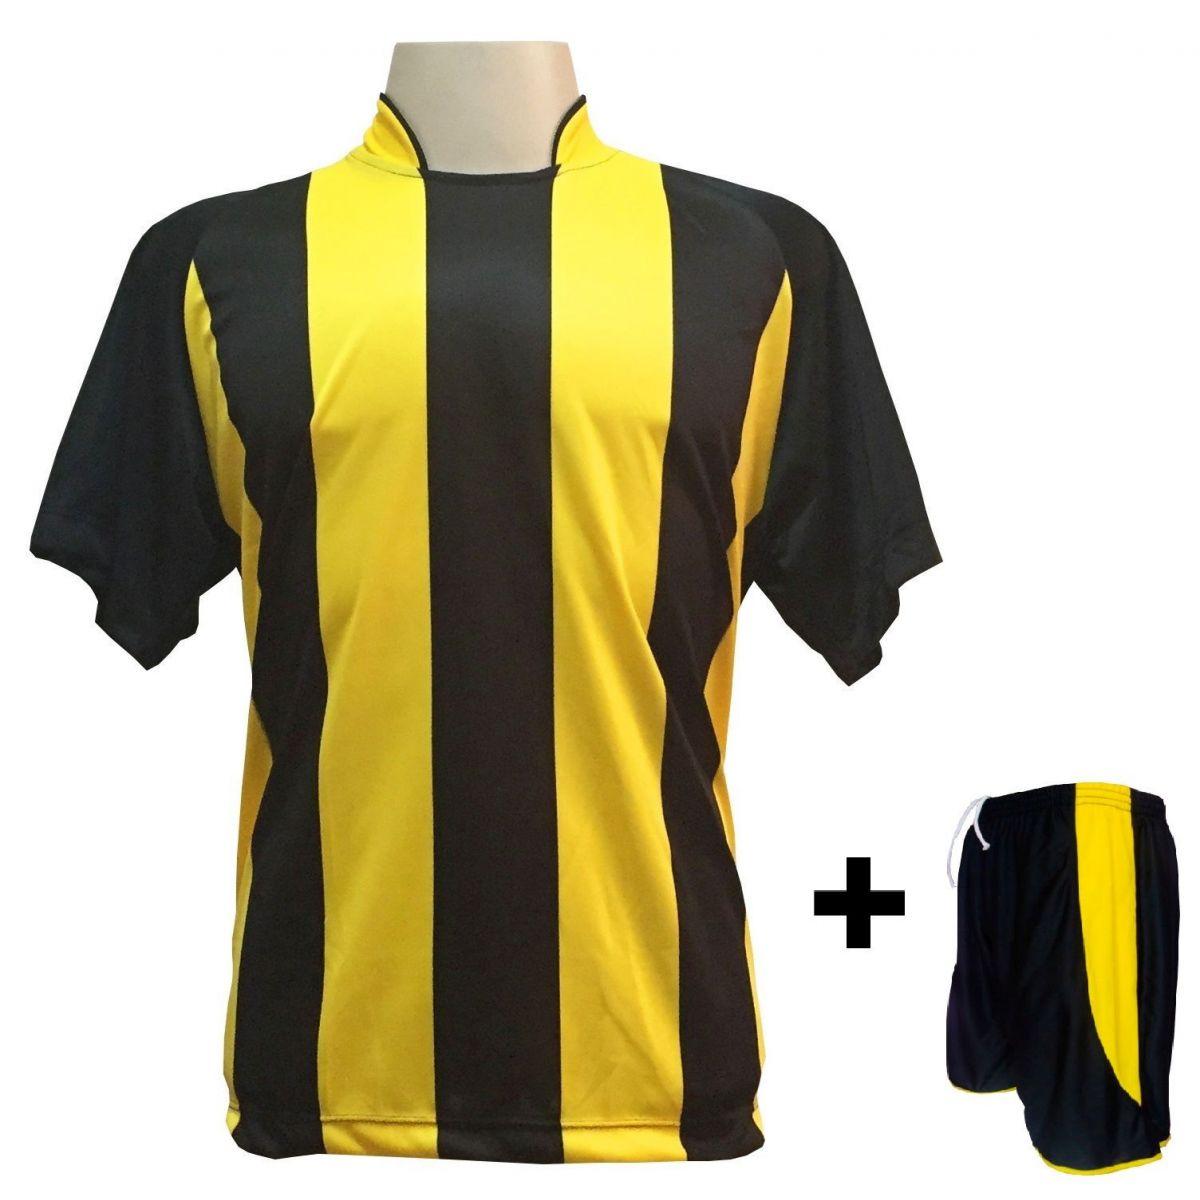 Uniforme Esportivo com 20 camisas modelo Milan Preto/Amarelo + 20 calções modelo Copa Preto/Amarelo + Brindes